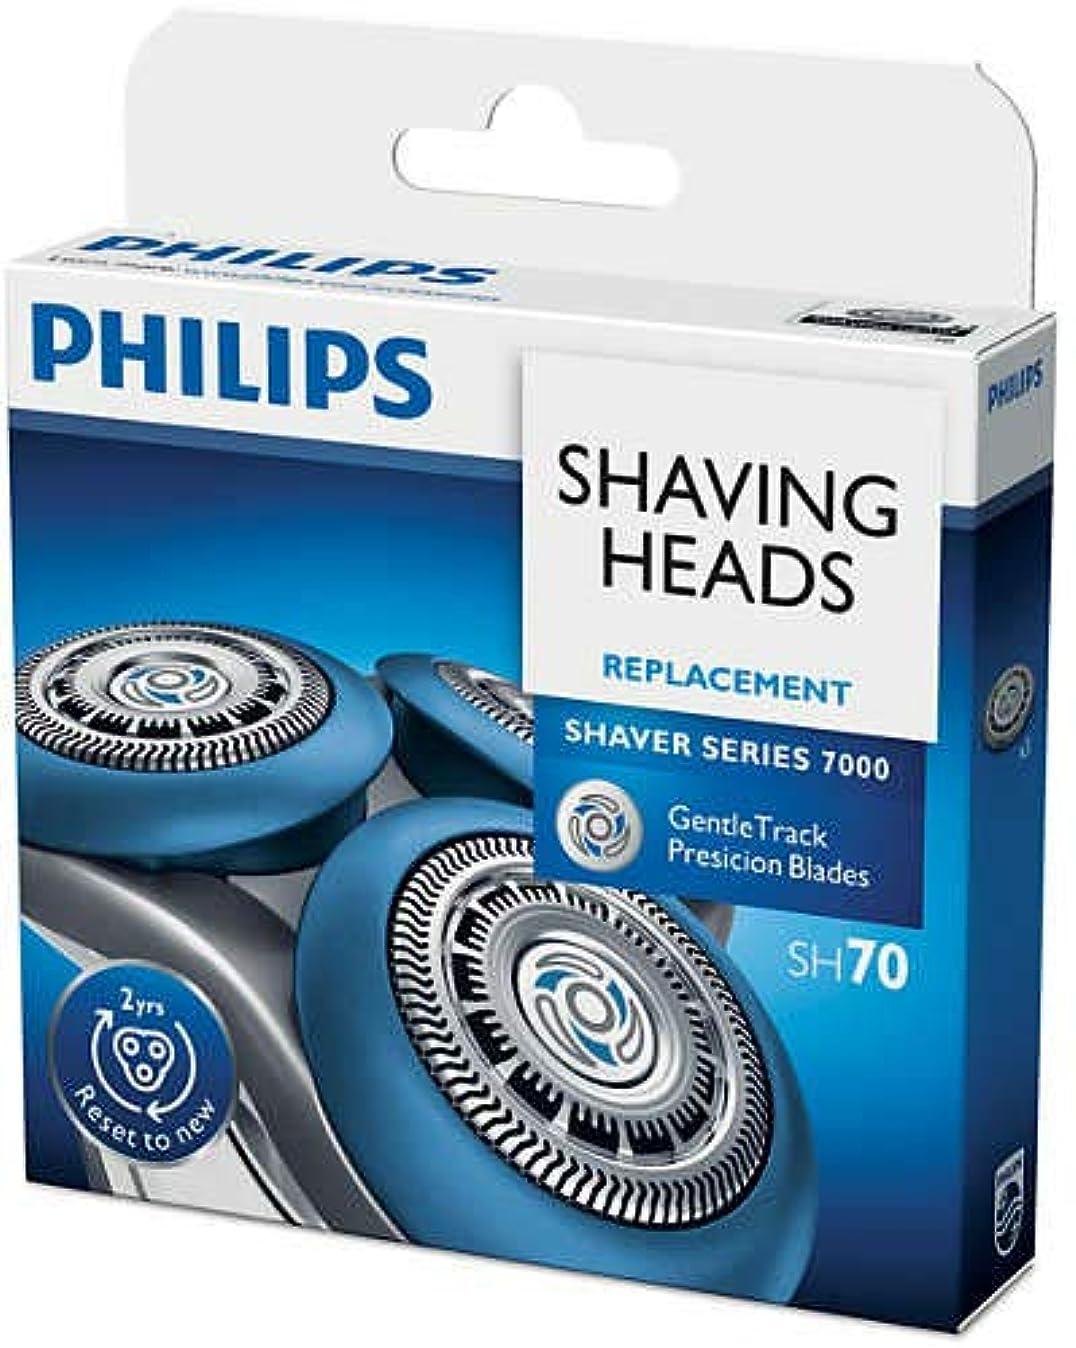 ほのめかすずらすベンチフィリップス シェーバー替え刃 Philips shaver 7000シリーズ 替刃 SH70